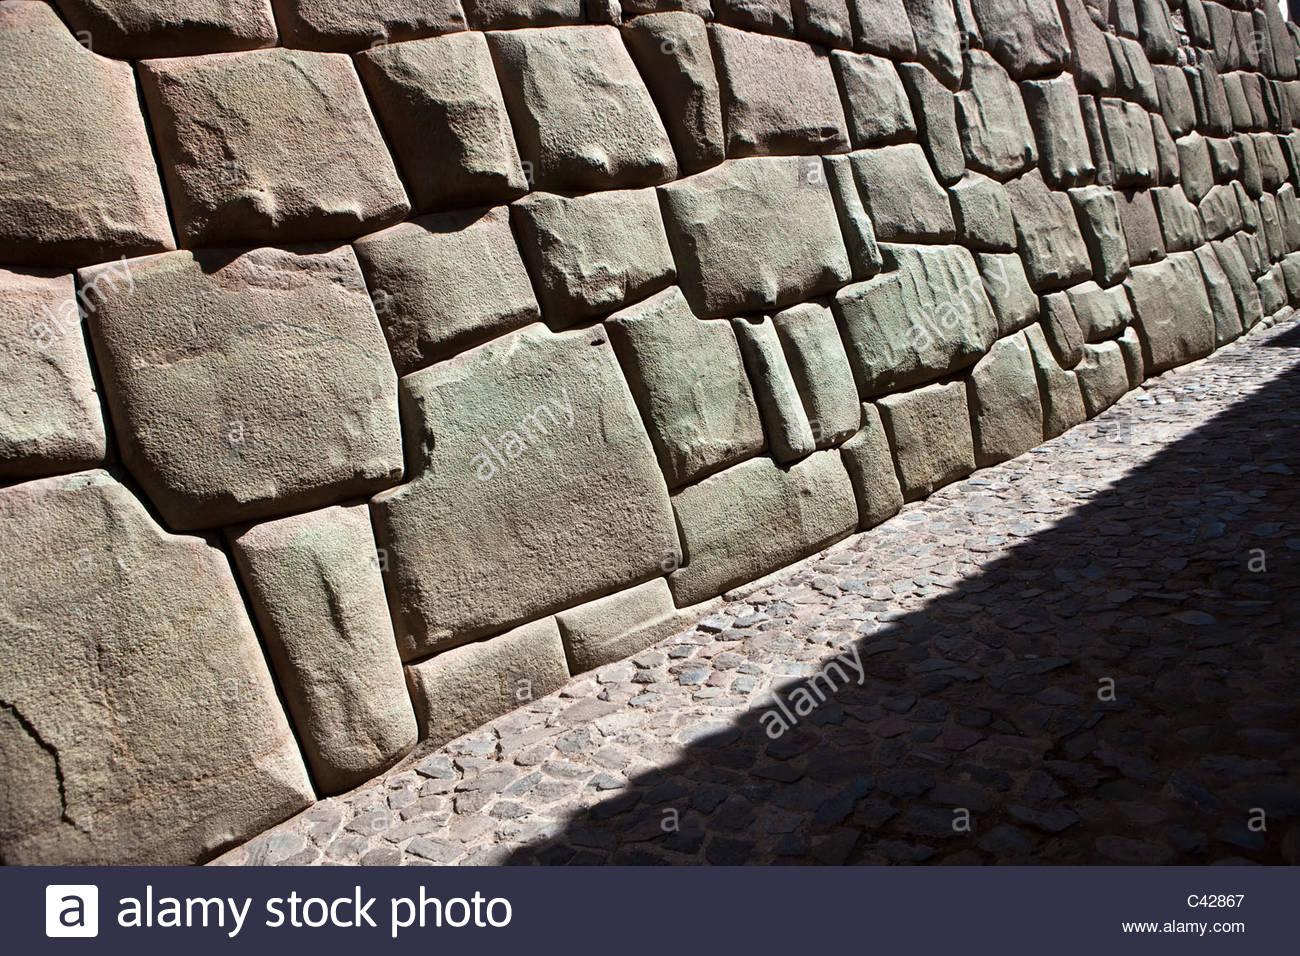 Cuzco, la pared del Museo de Arte Religioso, antes pertenecientes a la Sexta Inca, Inca Roca. Ejemplos de mampostería Imagen De Stock